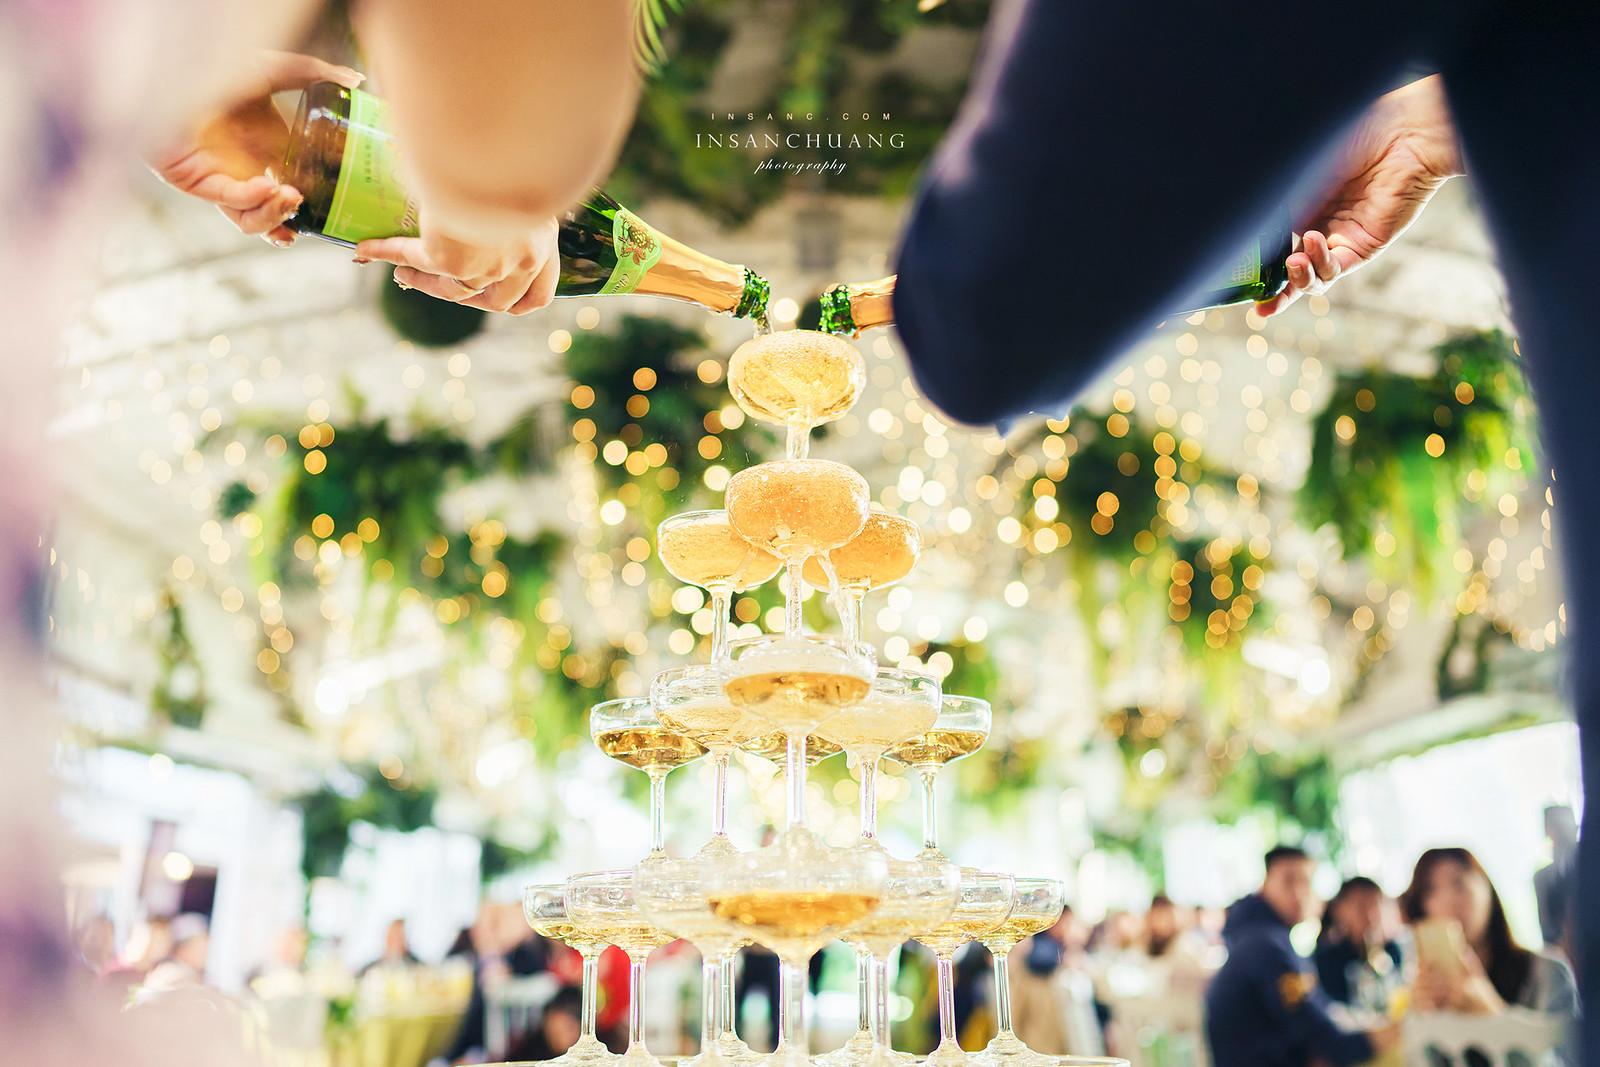 婚攝英聖青青食尚花園會館凡爾賽-20210116135304-2048